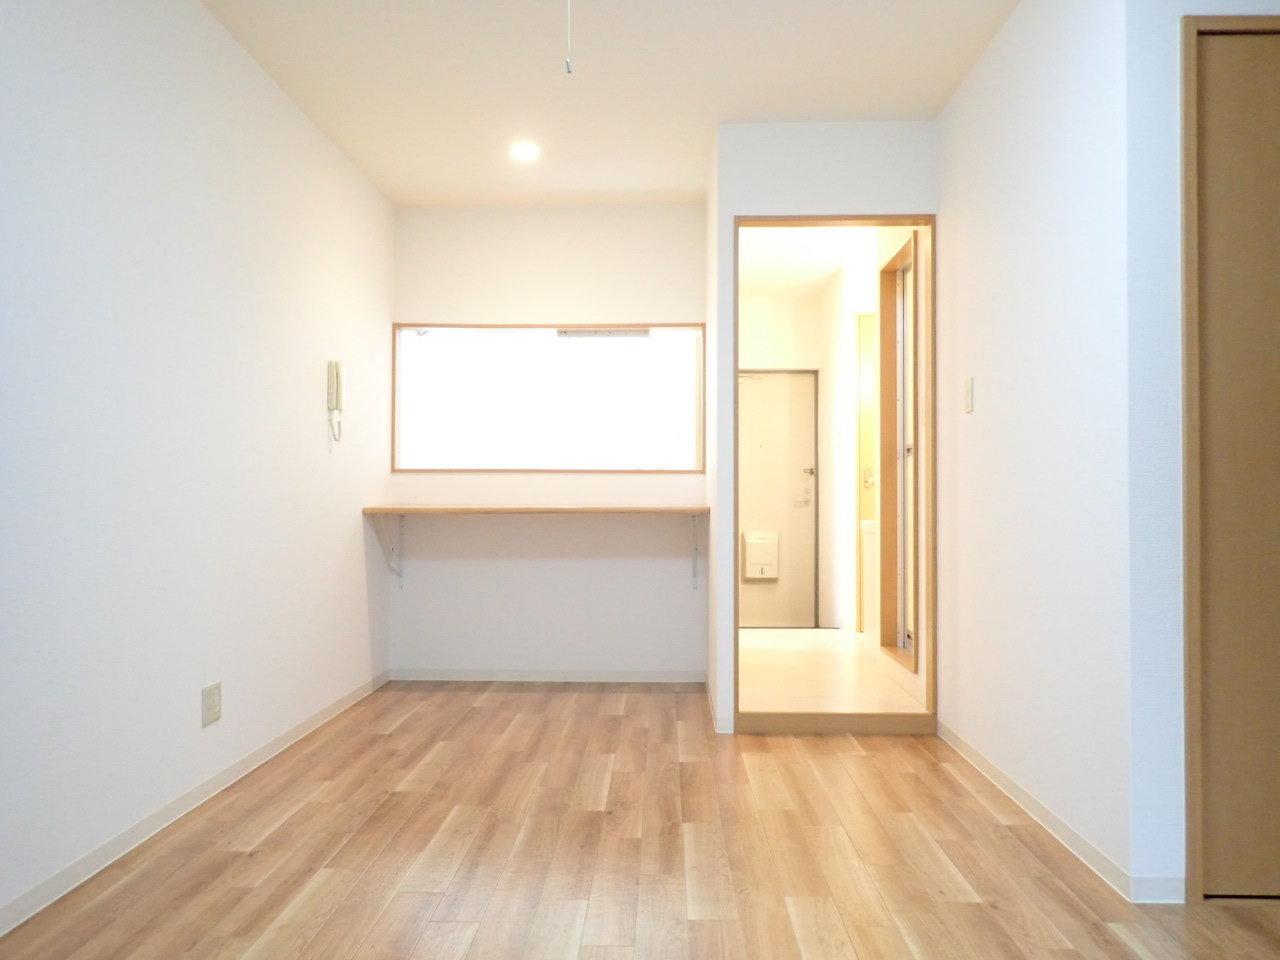 最後は、広々10畳の1K物件。みんなの憧れ、カウンターキッチンがあるお部屋です。